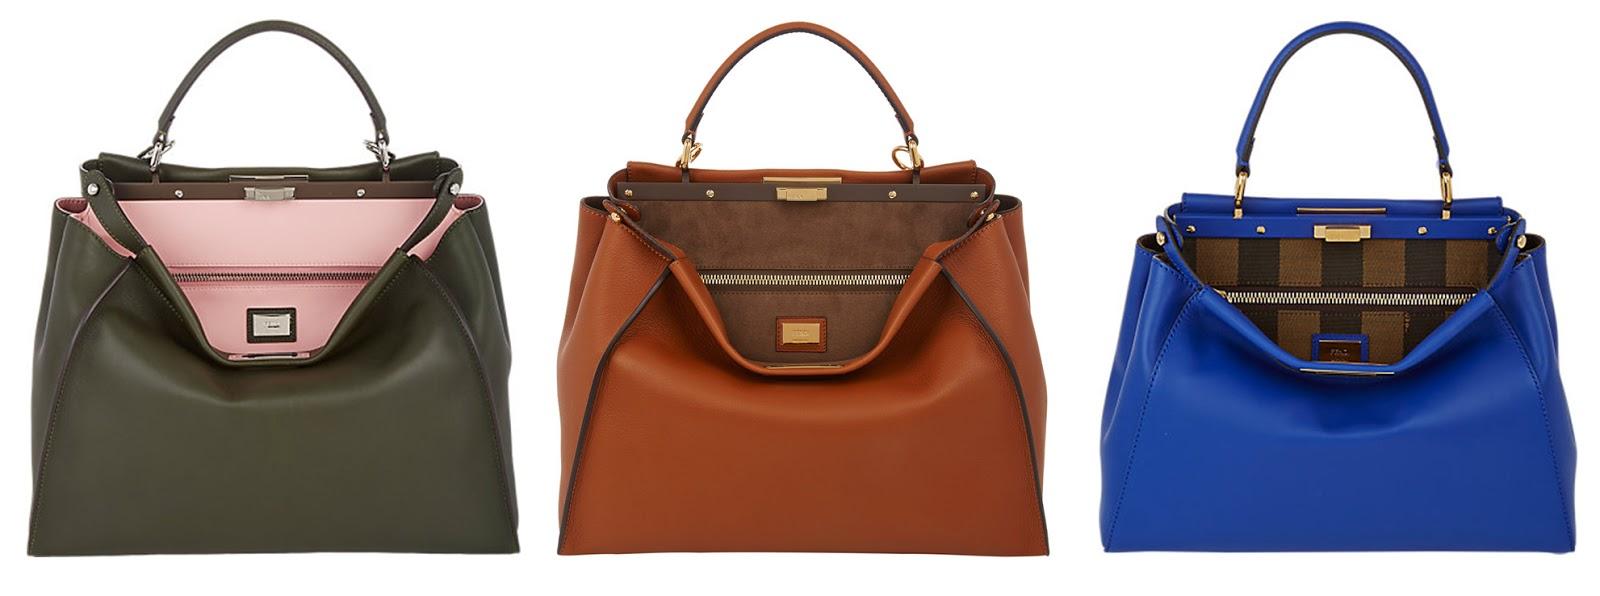 8665cae62537 Would You Carry That Bag  Fendi Peekaboo Bag